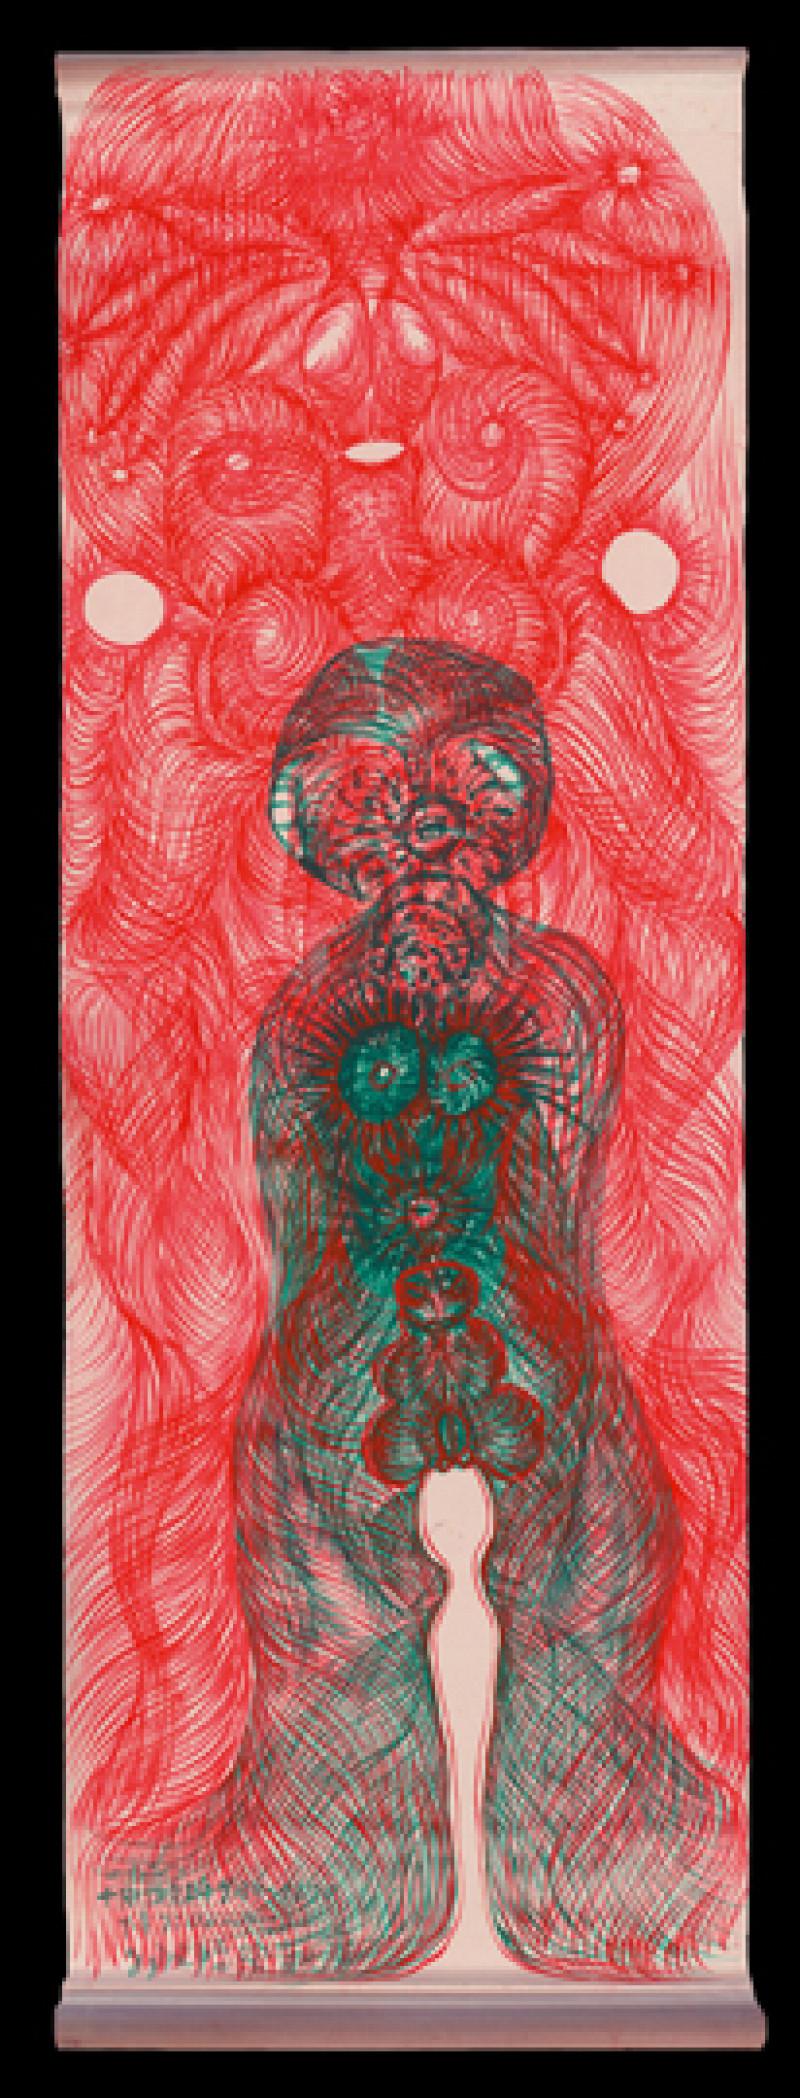 Poésie et spiritualité dans l'Art Brut